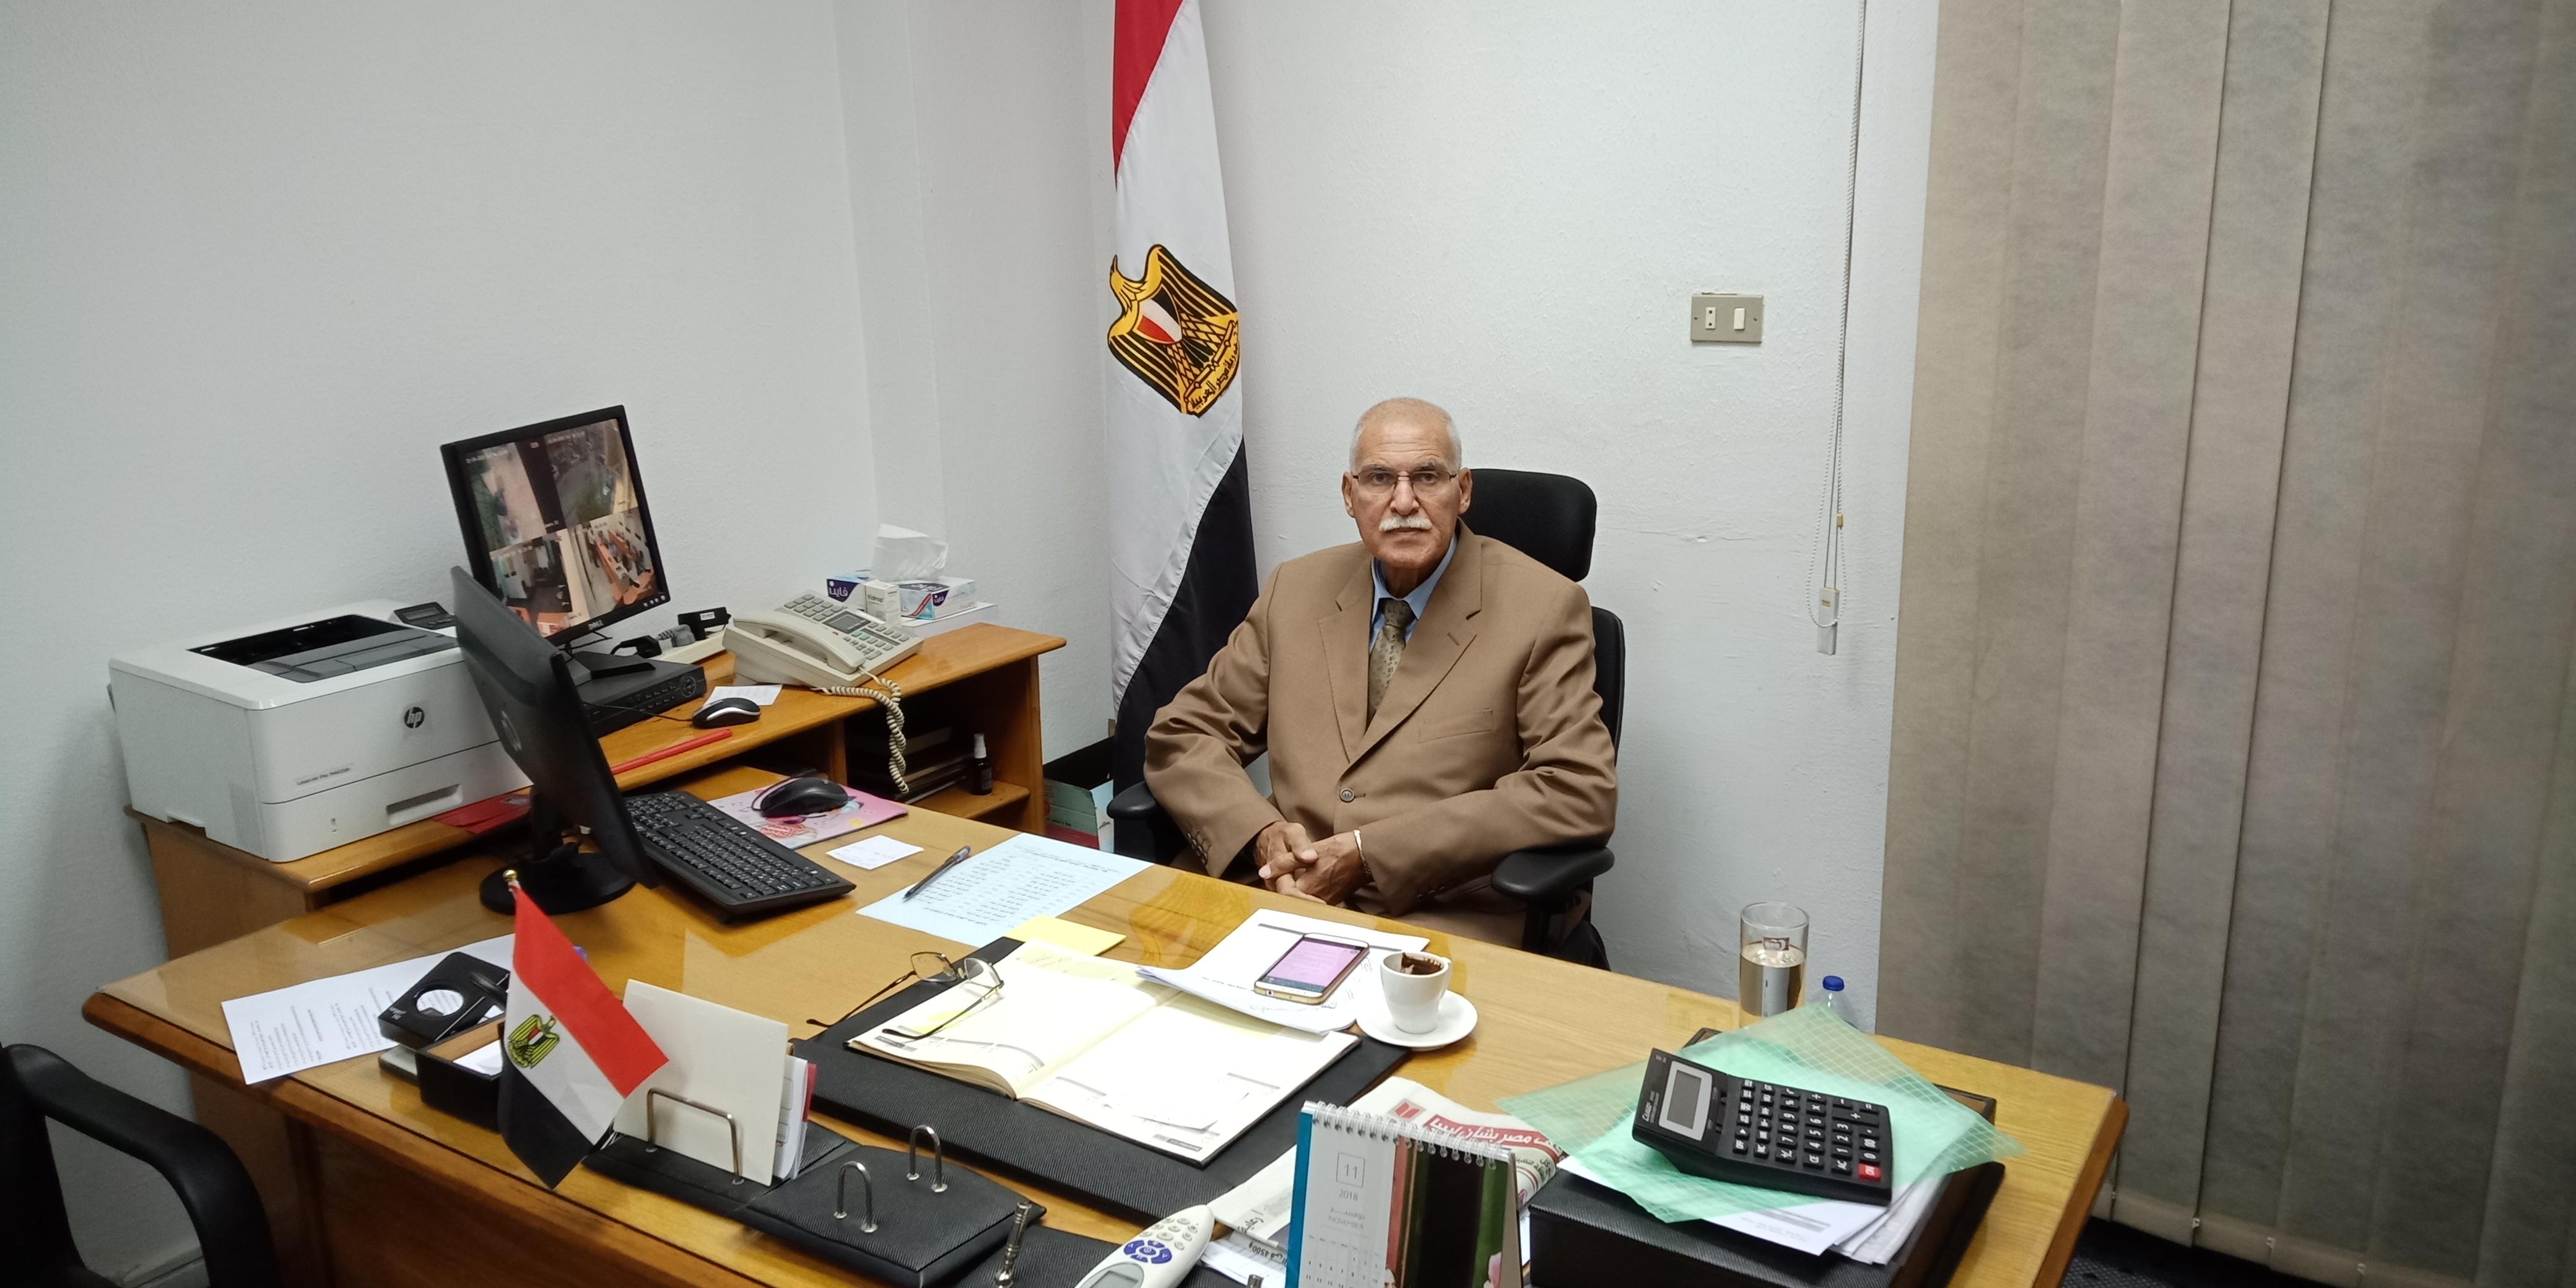 رئيس فرع جهاز تنمية المشروعات الصغيرة بالقليوبية (4)